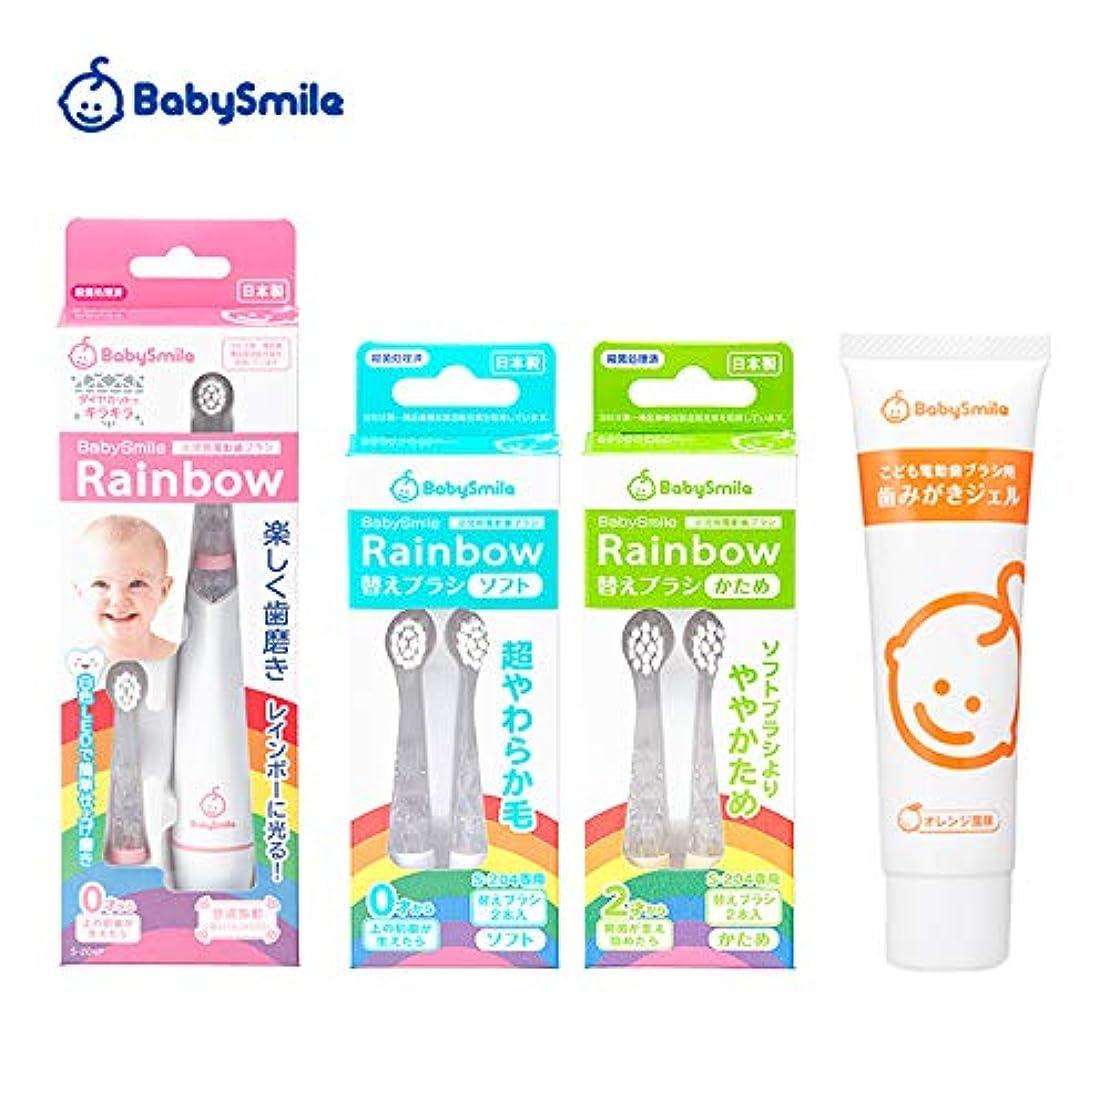 敬の念香り量こども用電動歯ブラシ ベビースマイル レインボー(S-204P) 替えブラシ&歯みがきジェルセット (ピンク)